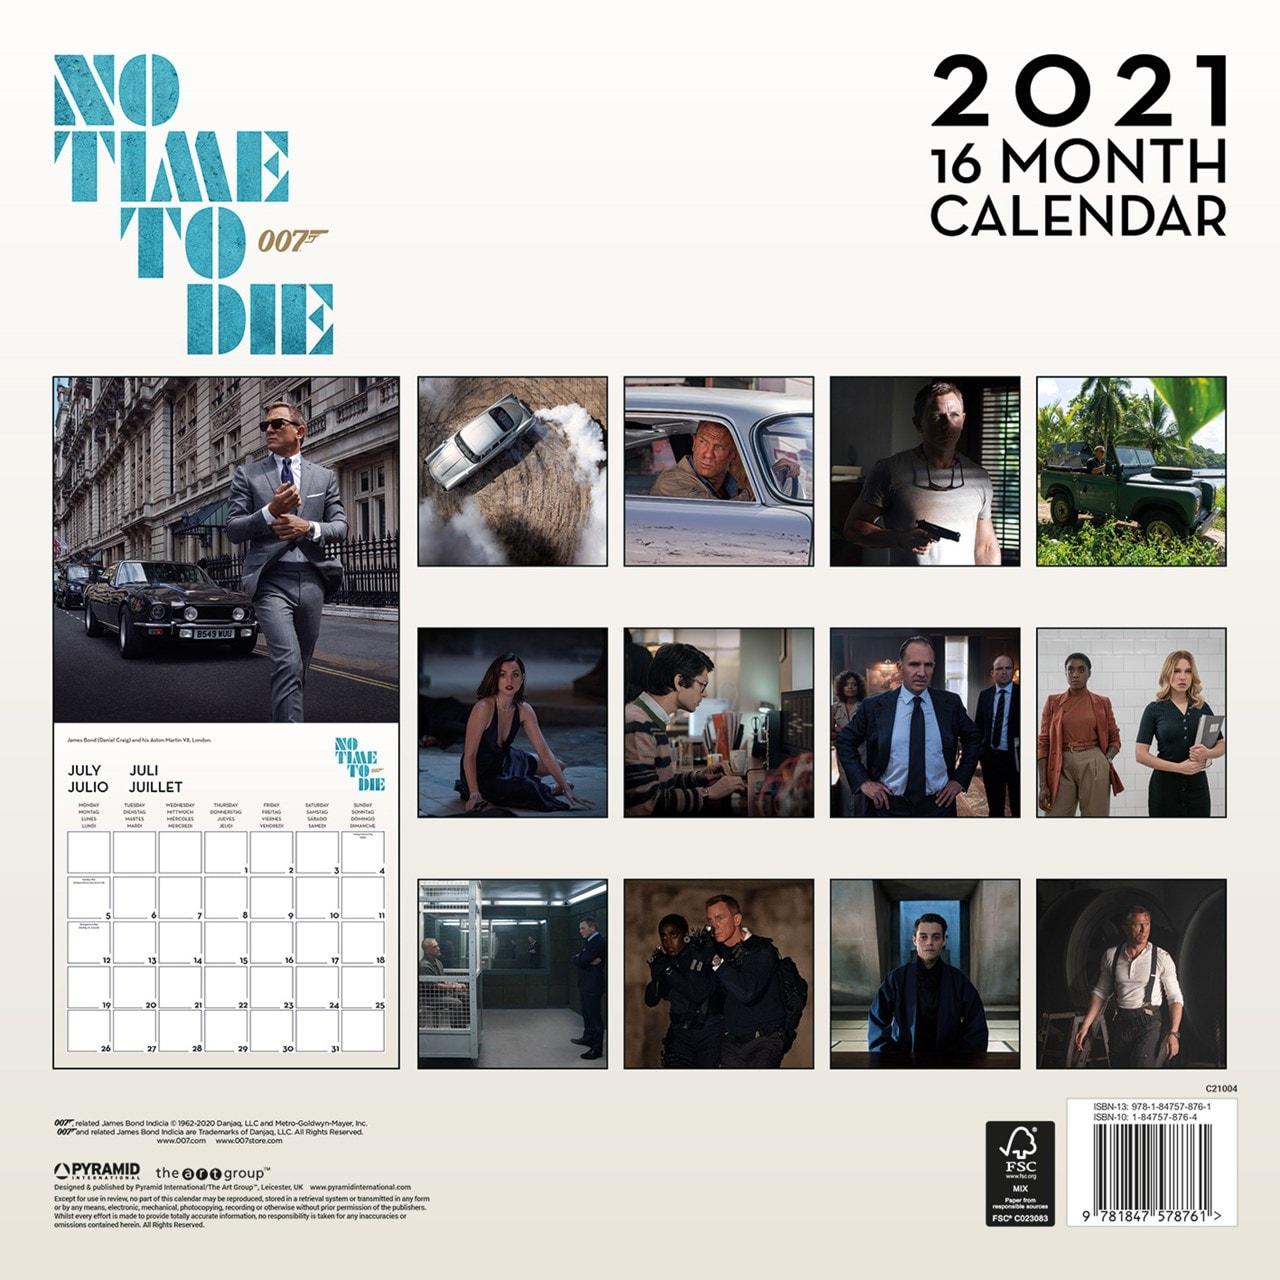 James Bond: No Time To Die Square 2021 Calendar - 3